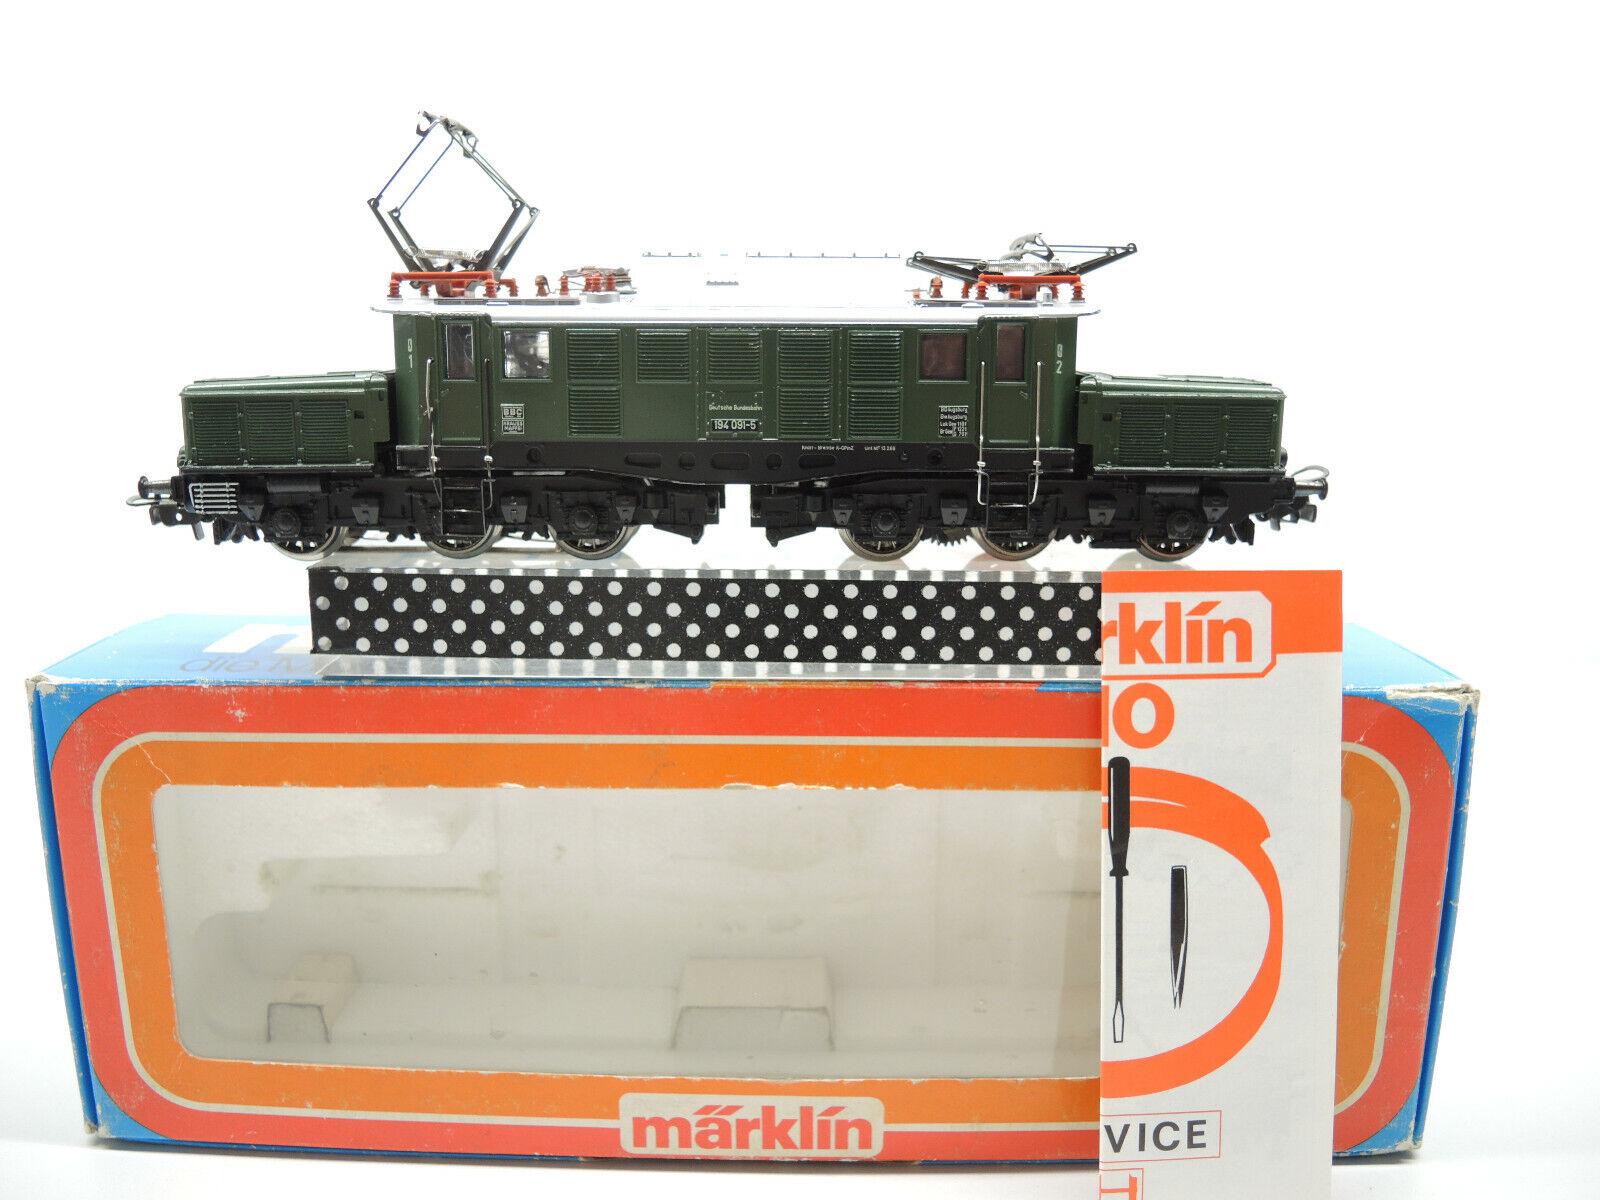 Märklin 3022 E-Lok, br 194 091-5 delle DB molto ben conservato    Manuale di servizio OVP (8)